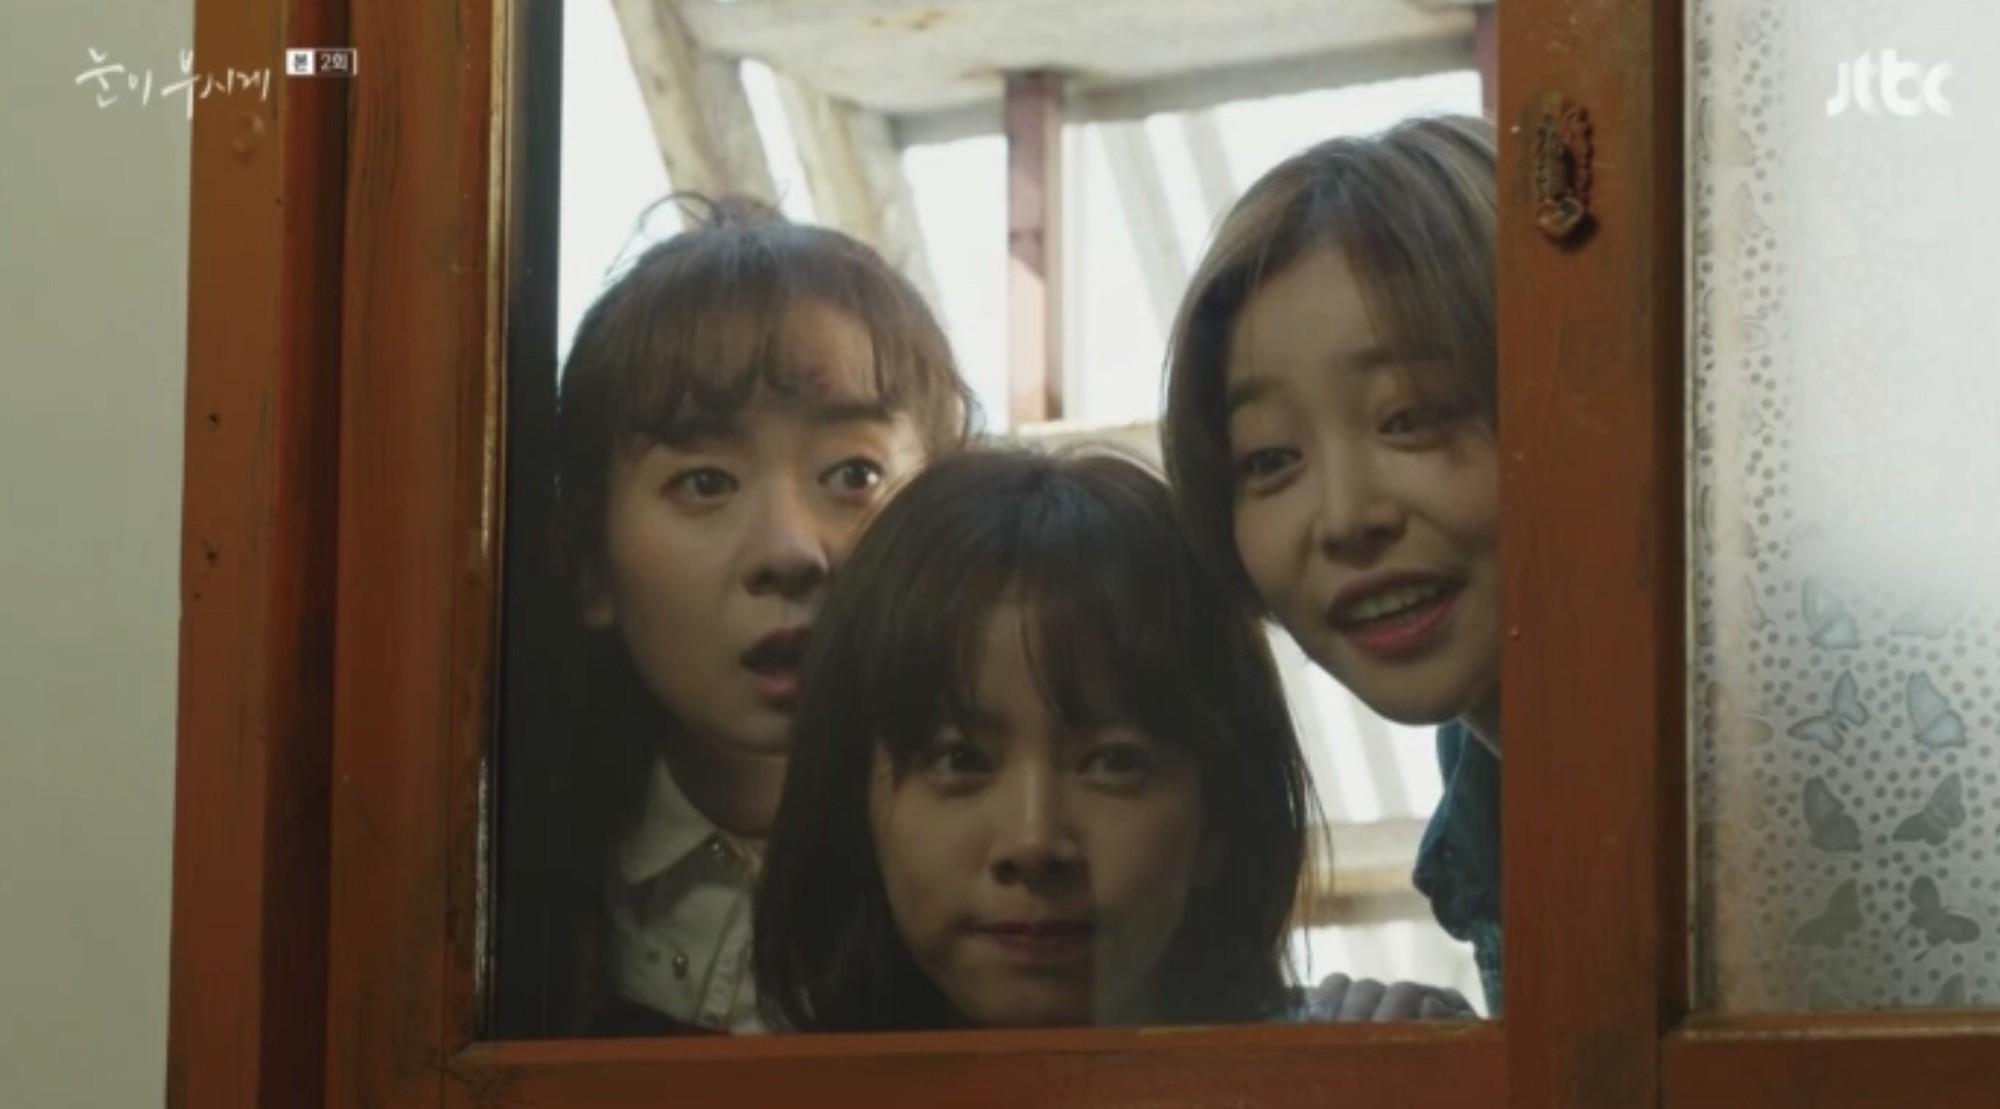 Lầy mà dễ thương như Han Ji Min trong Dazzling thì có đáng yêu không? - Ảnh 10.